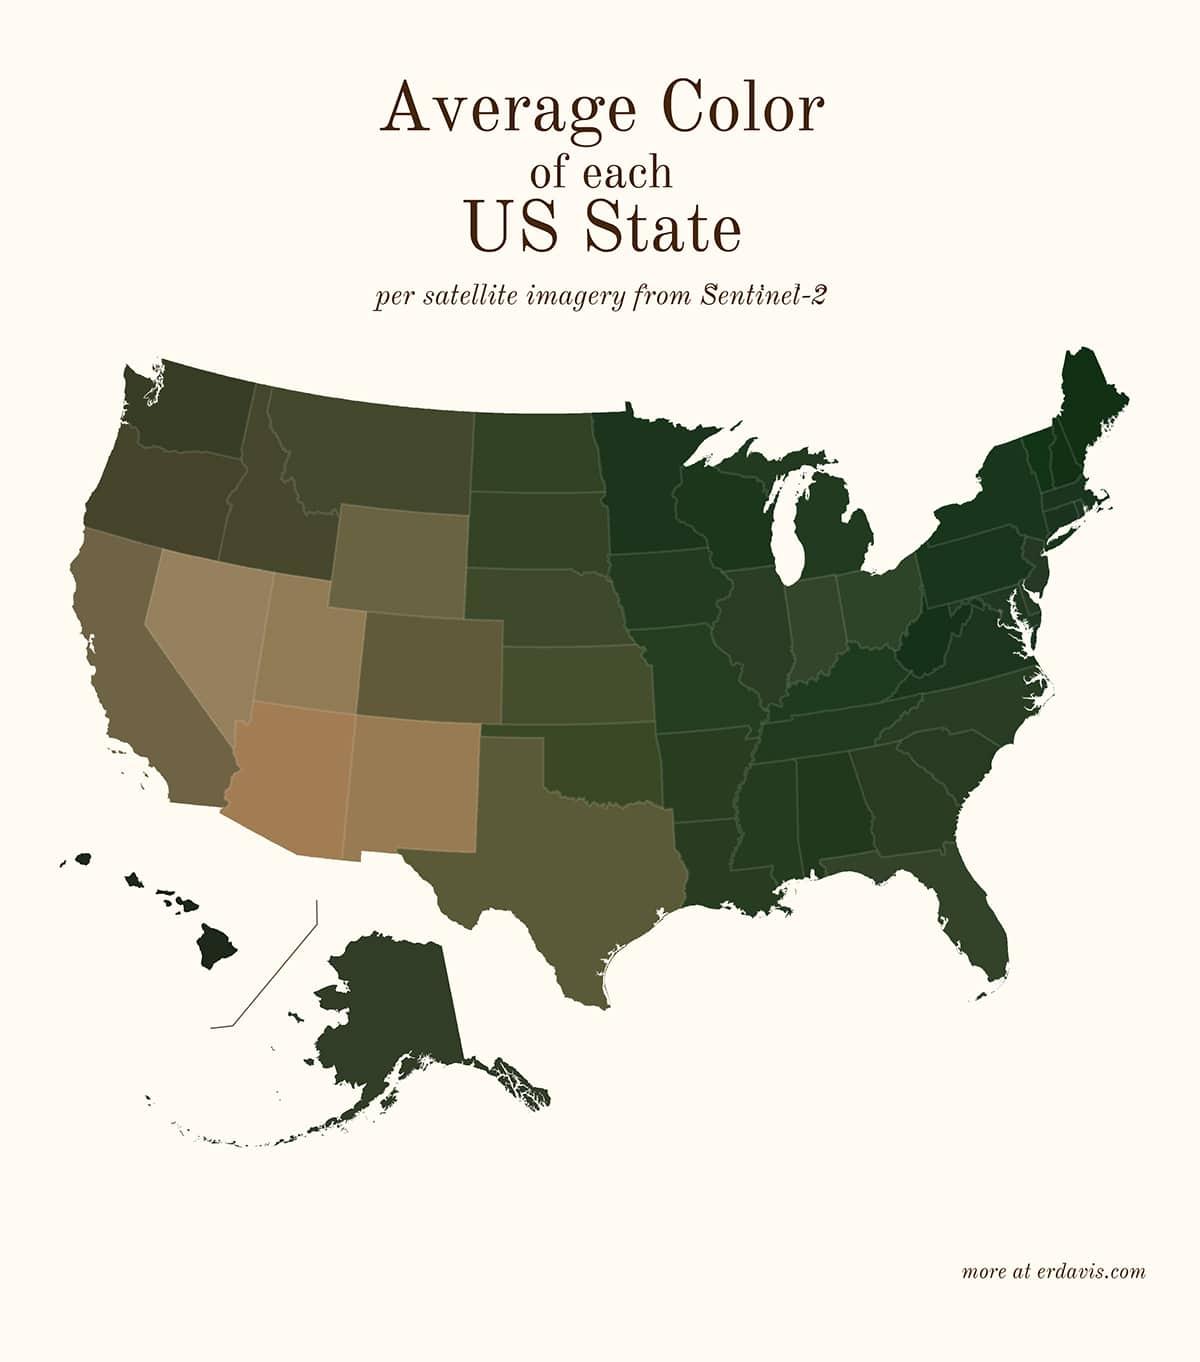 Средний цвет каждого штата Америки